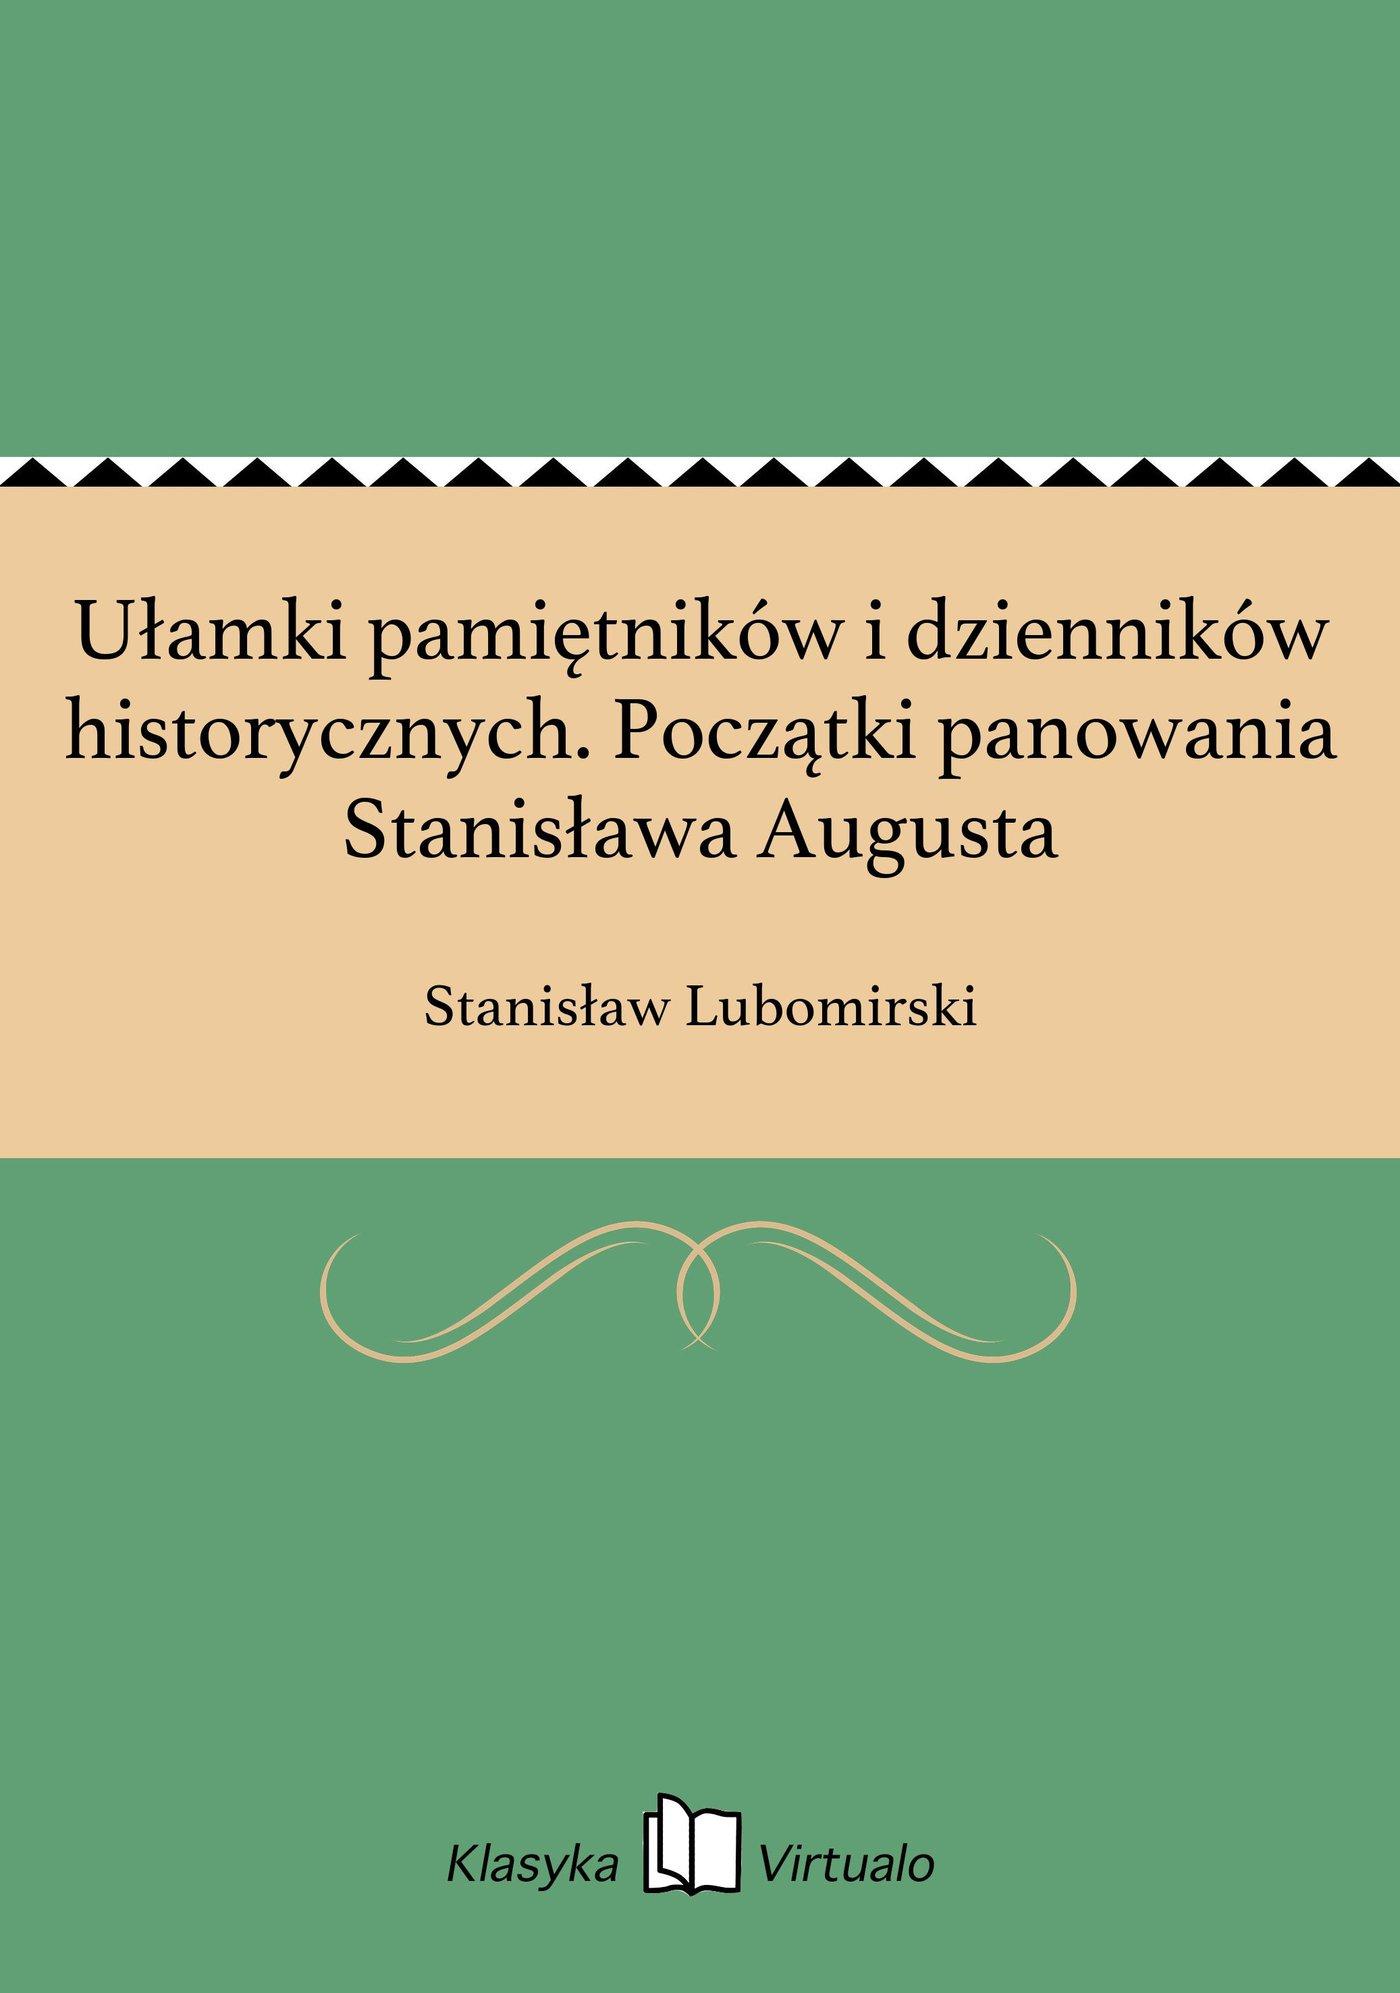 Ułamki pamiętników i dzienników historycznych. Początki panowania Stanisława Augusta - Ebook (Książka EPUB) do pobrania w formacie EPUB